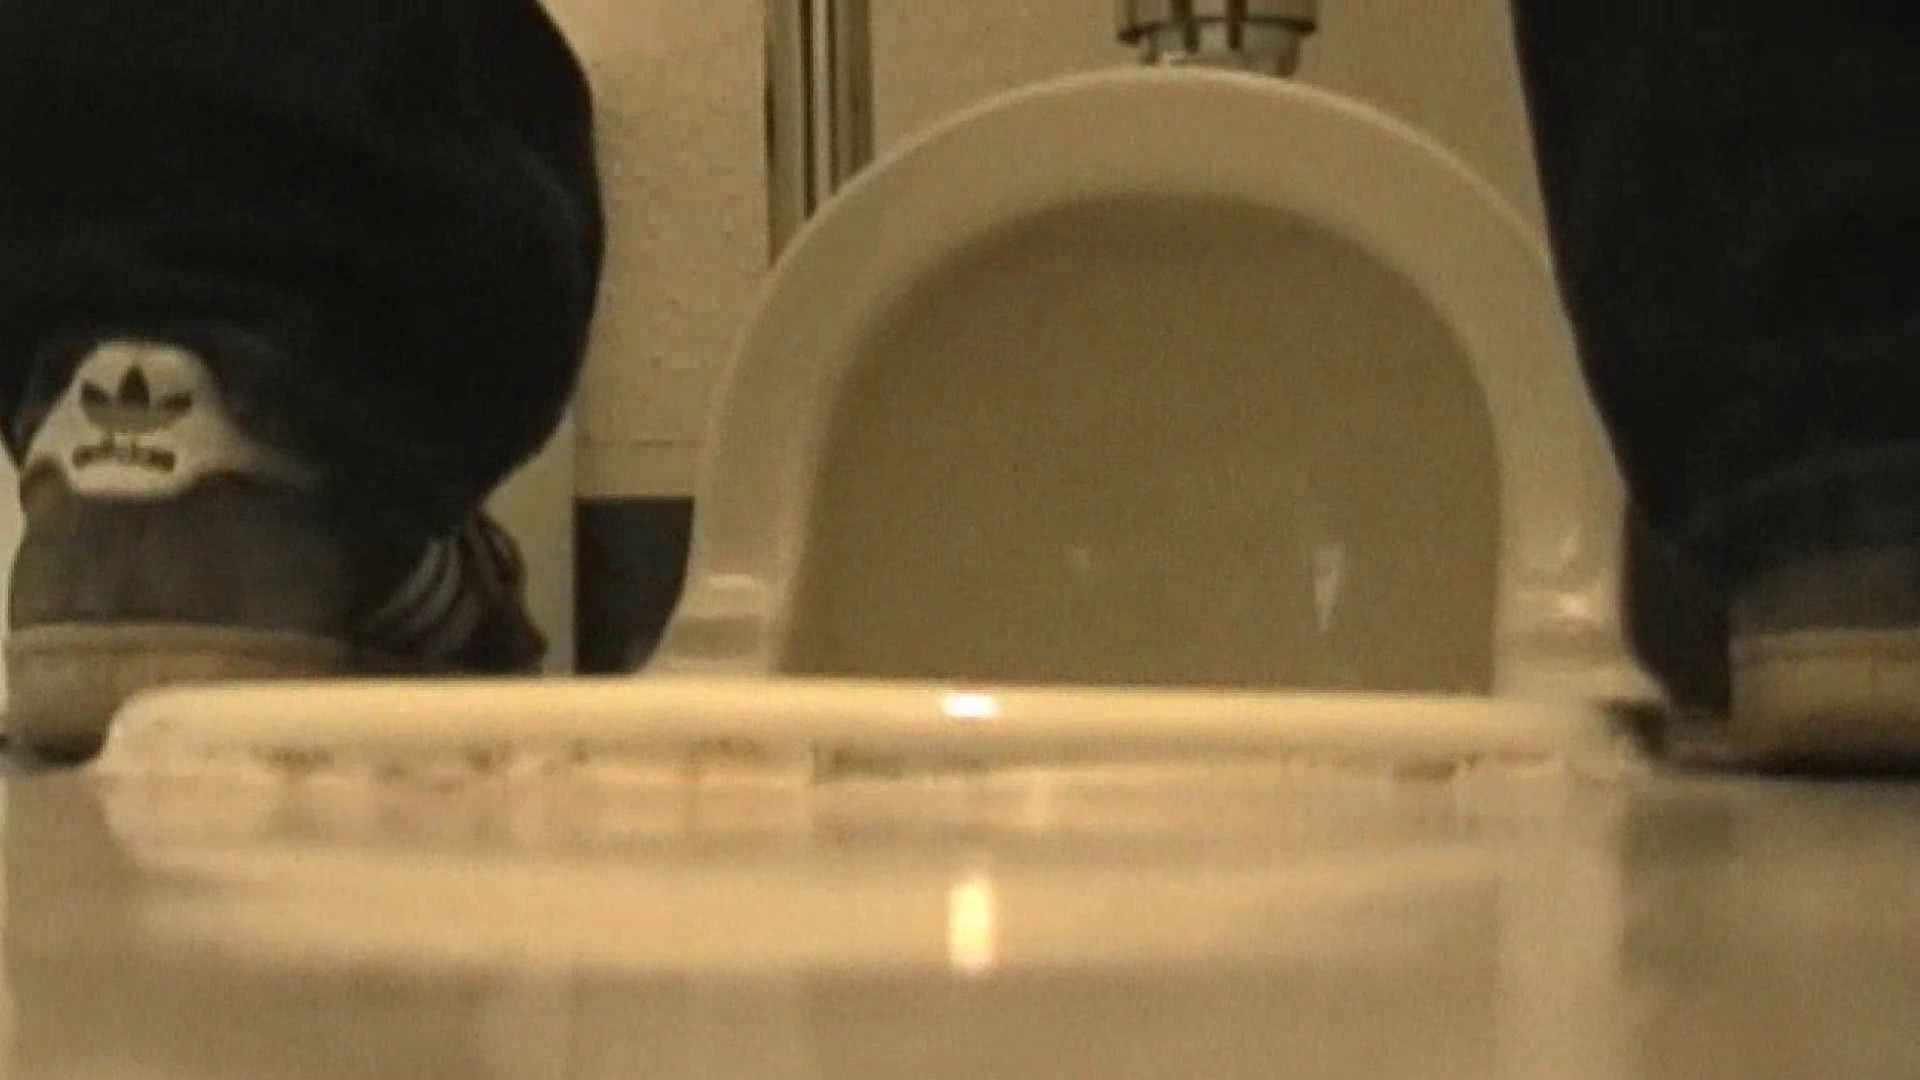 キレカワ女子大生の秘密の洗面所!Vol.006 すけべな女子大生 のぞき動画画像 87画像 54